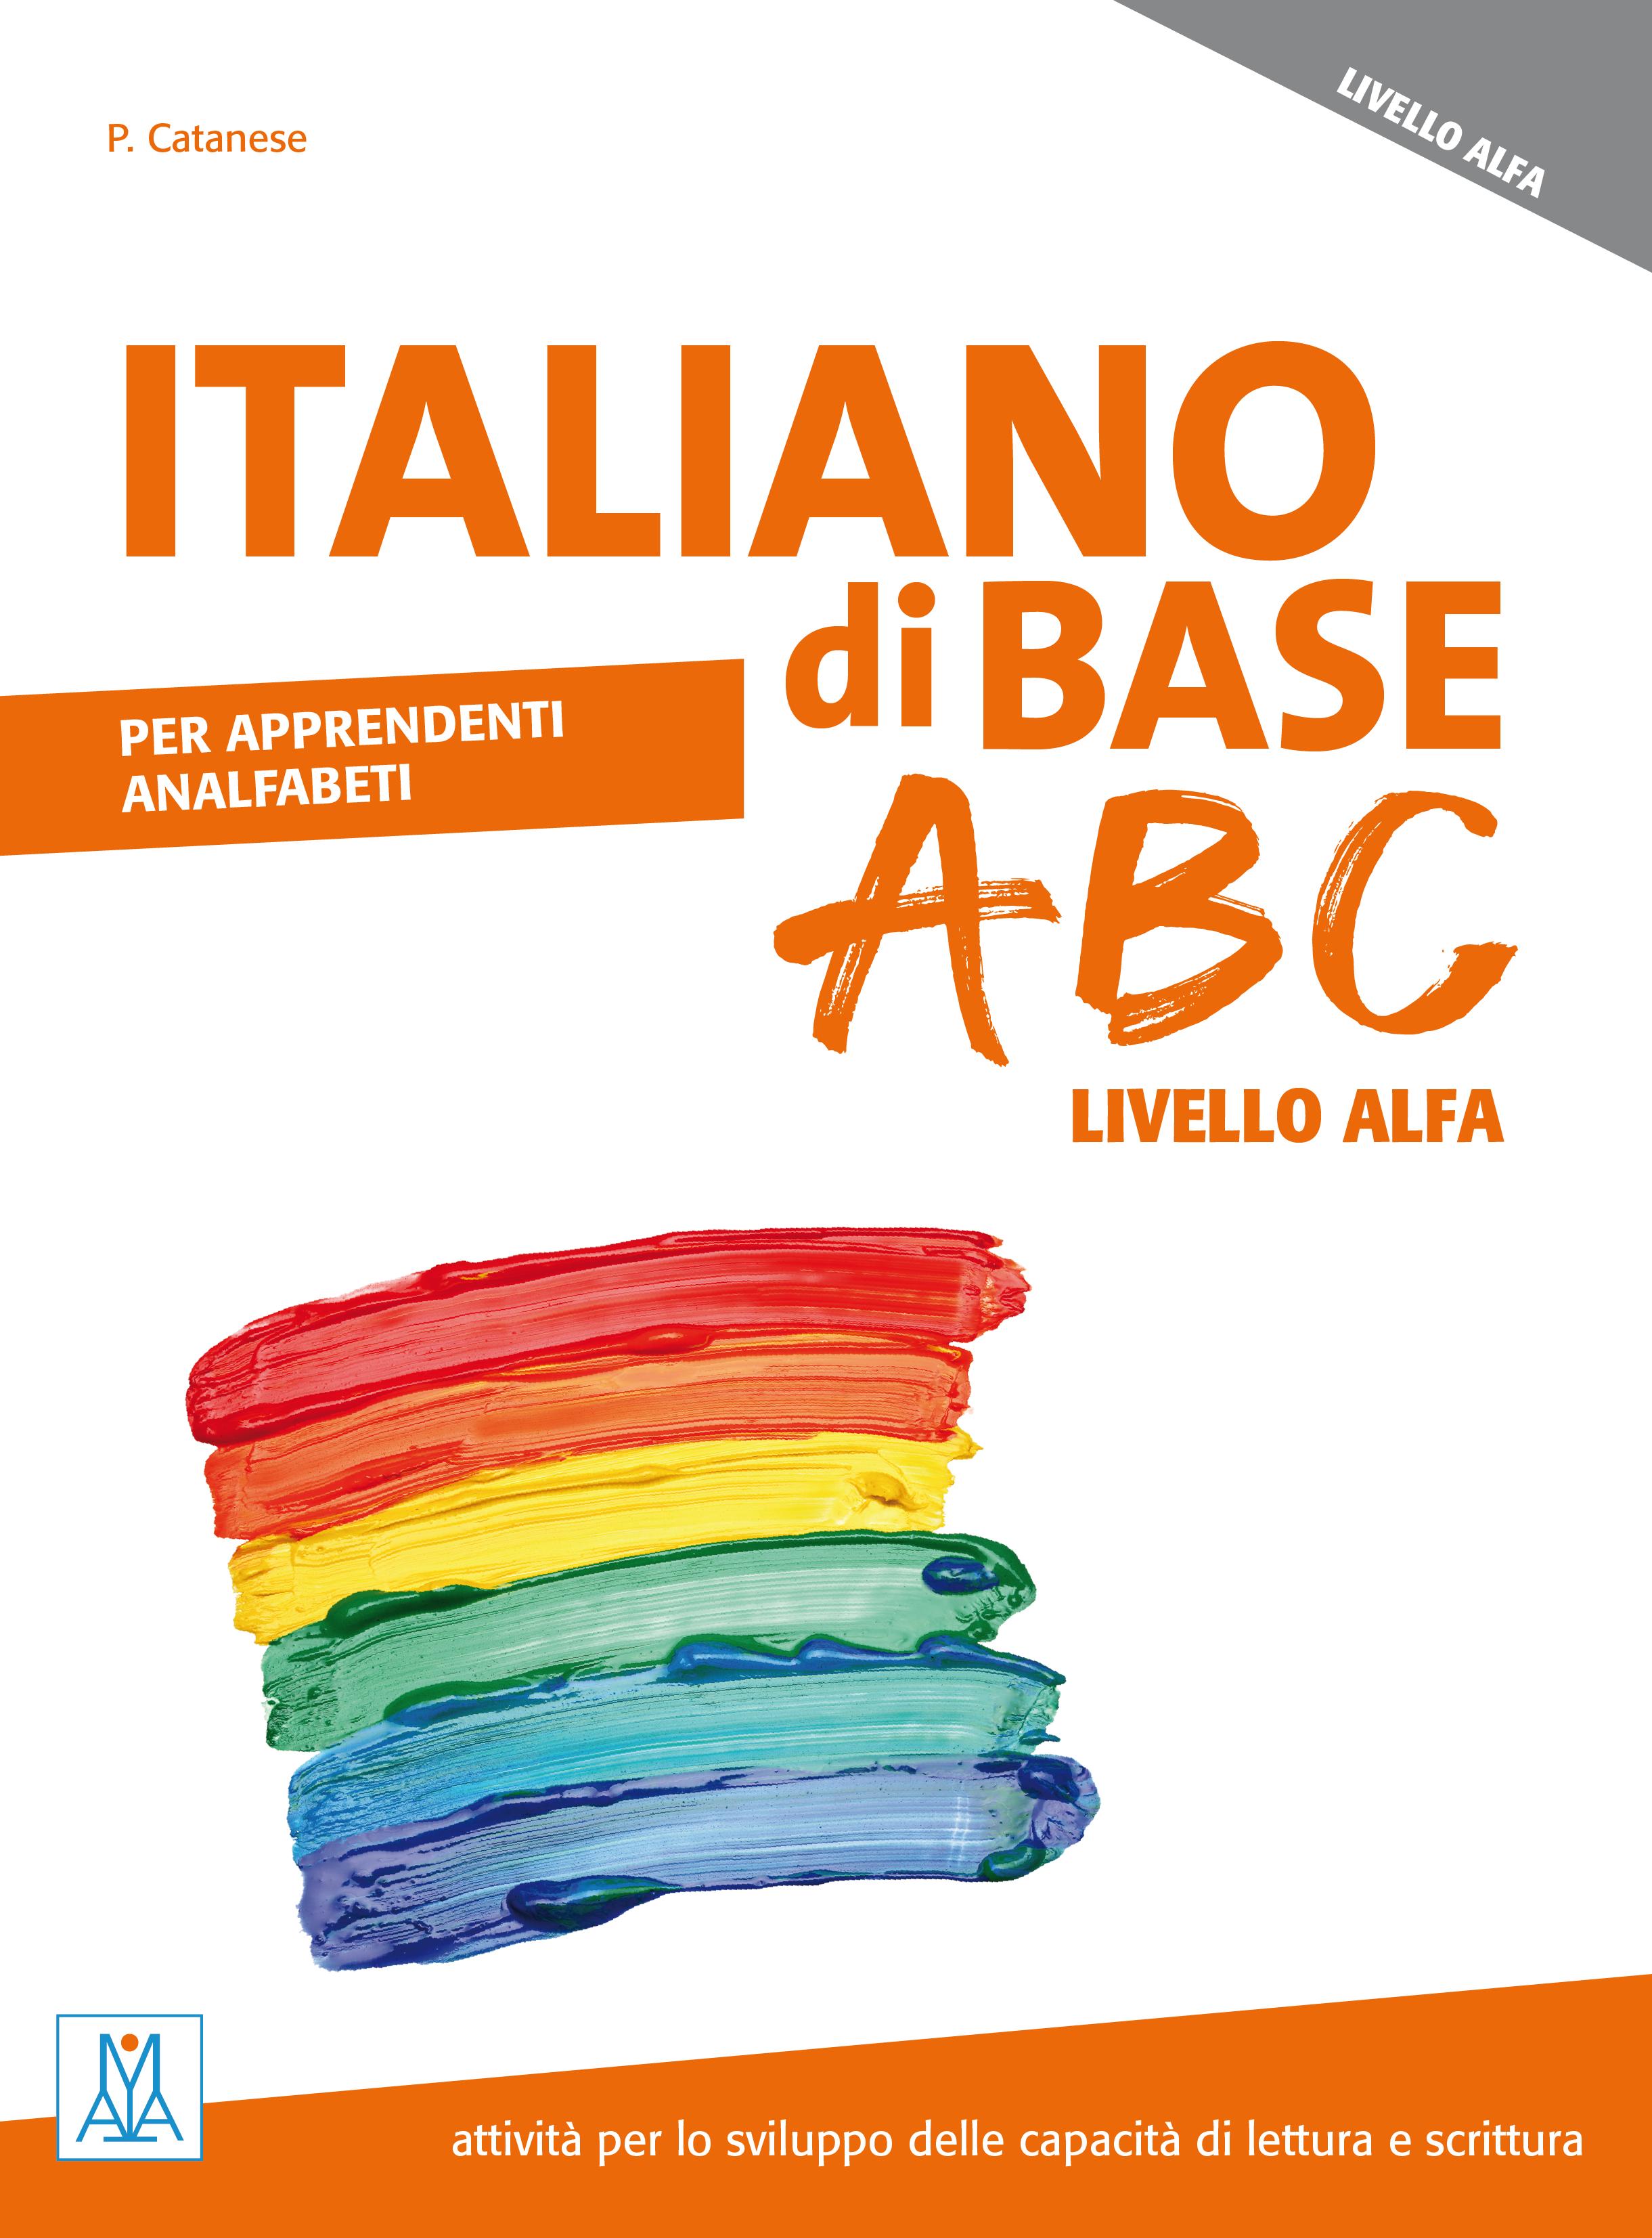 Italiano di base ABC - livello alfa